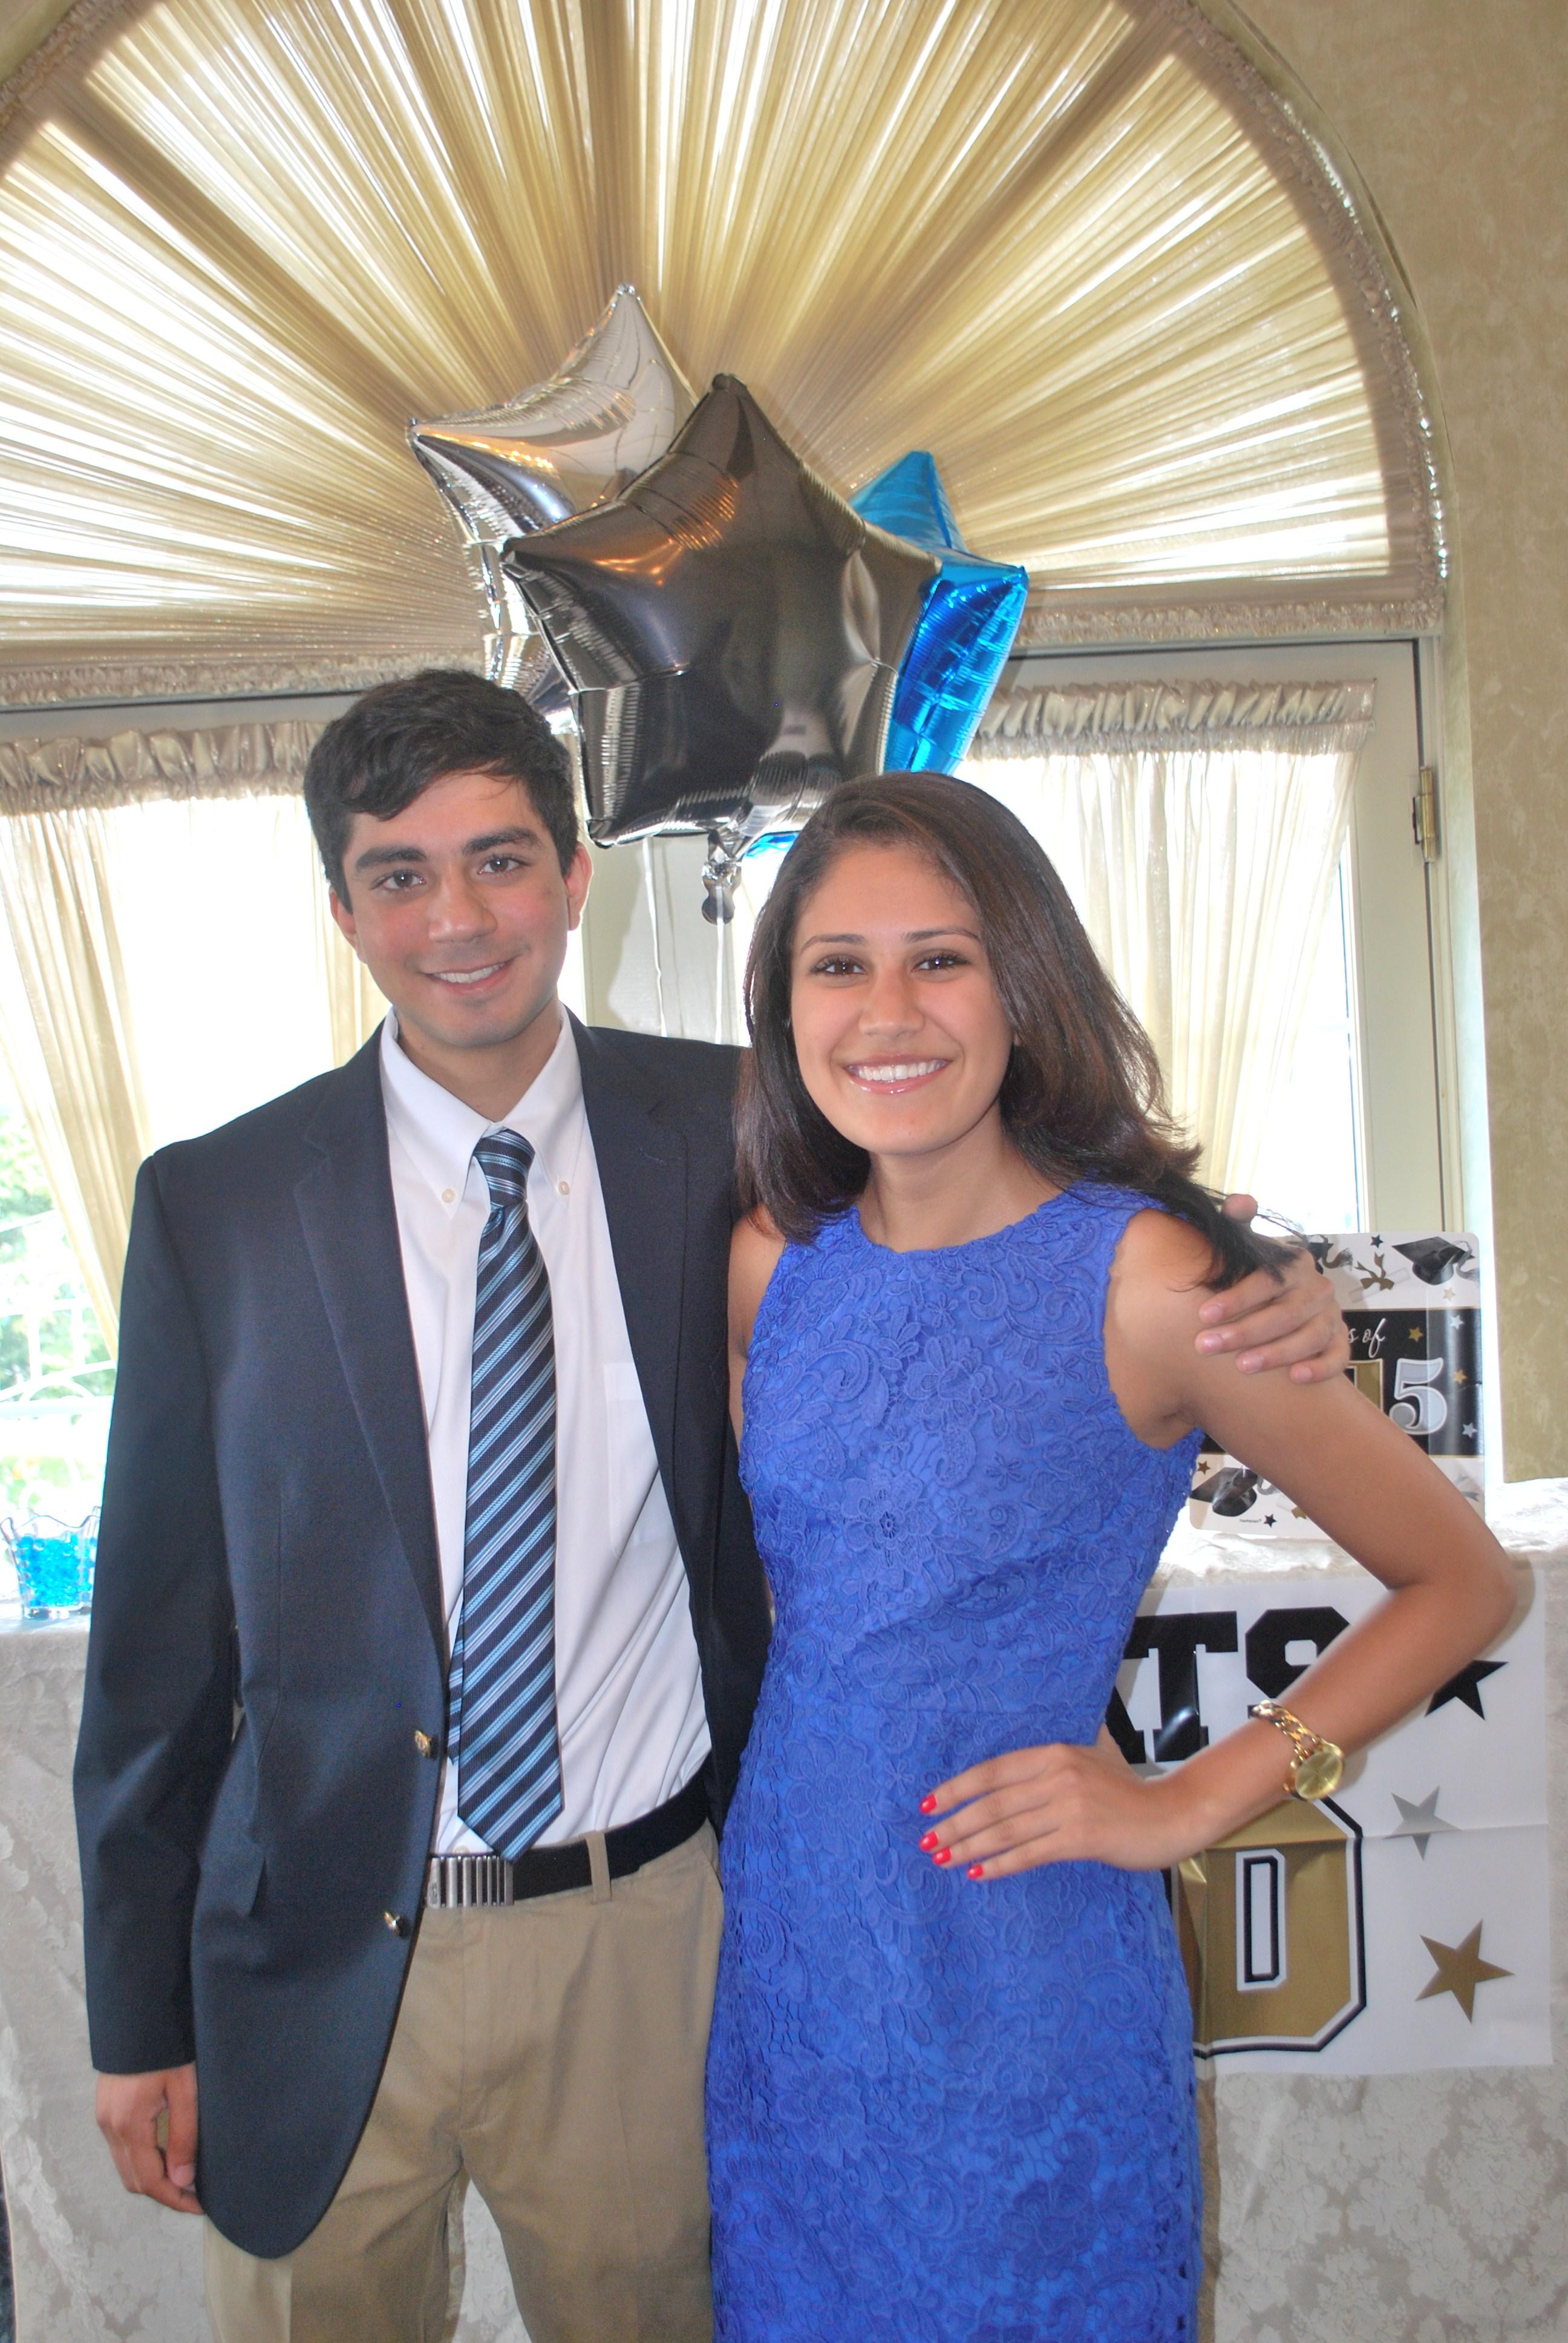 A Double Graduation Celebration